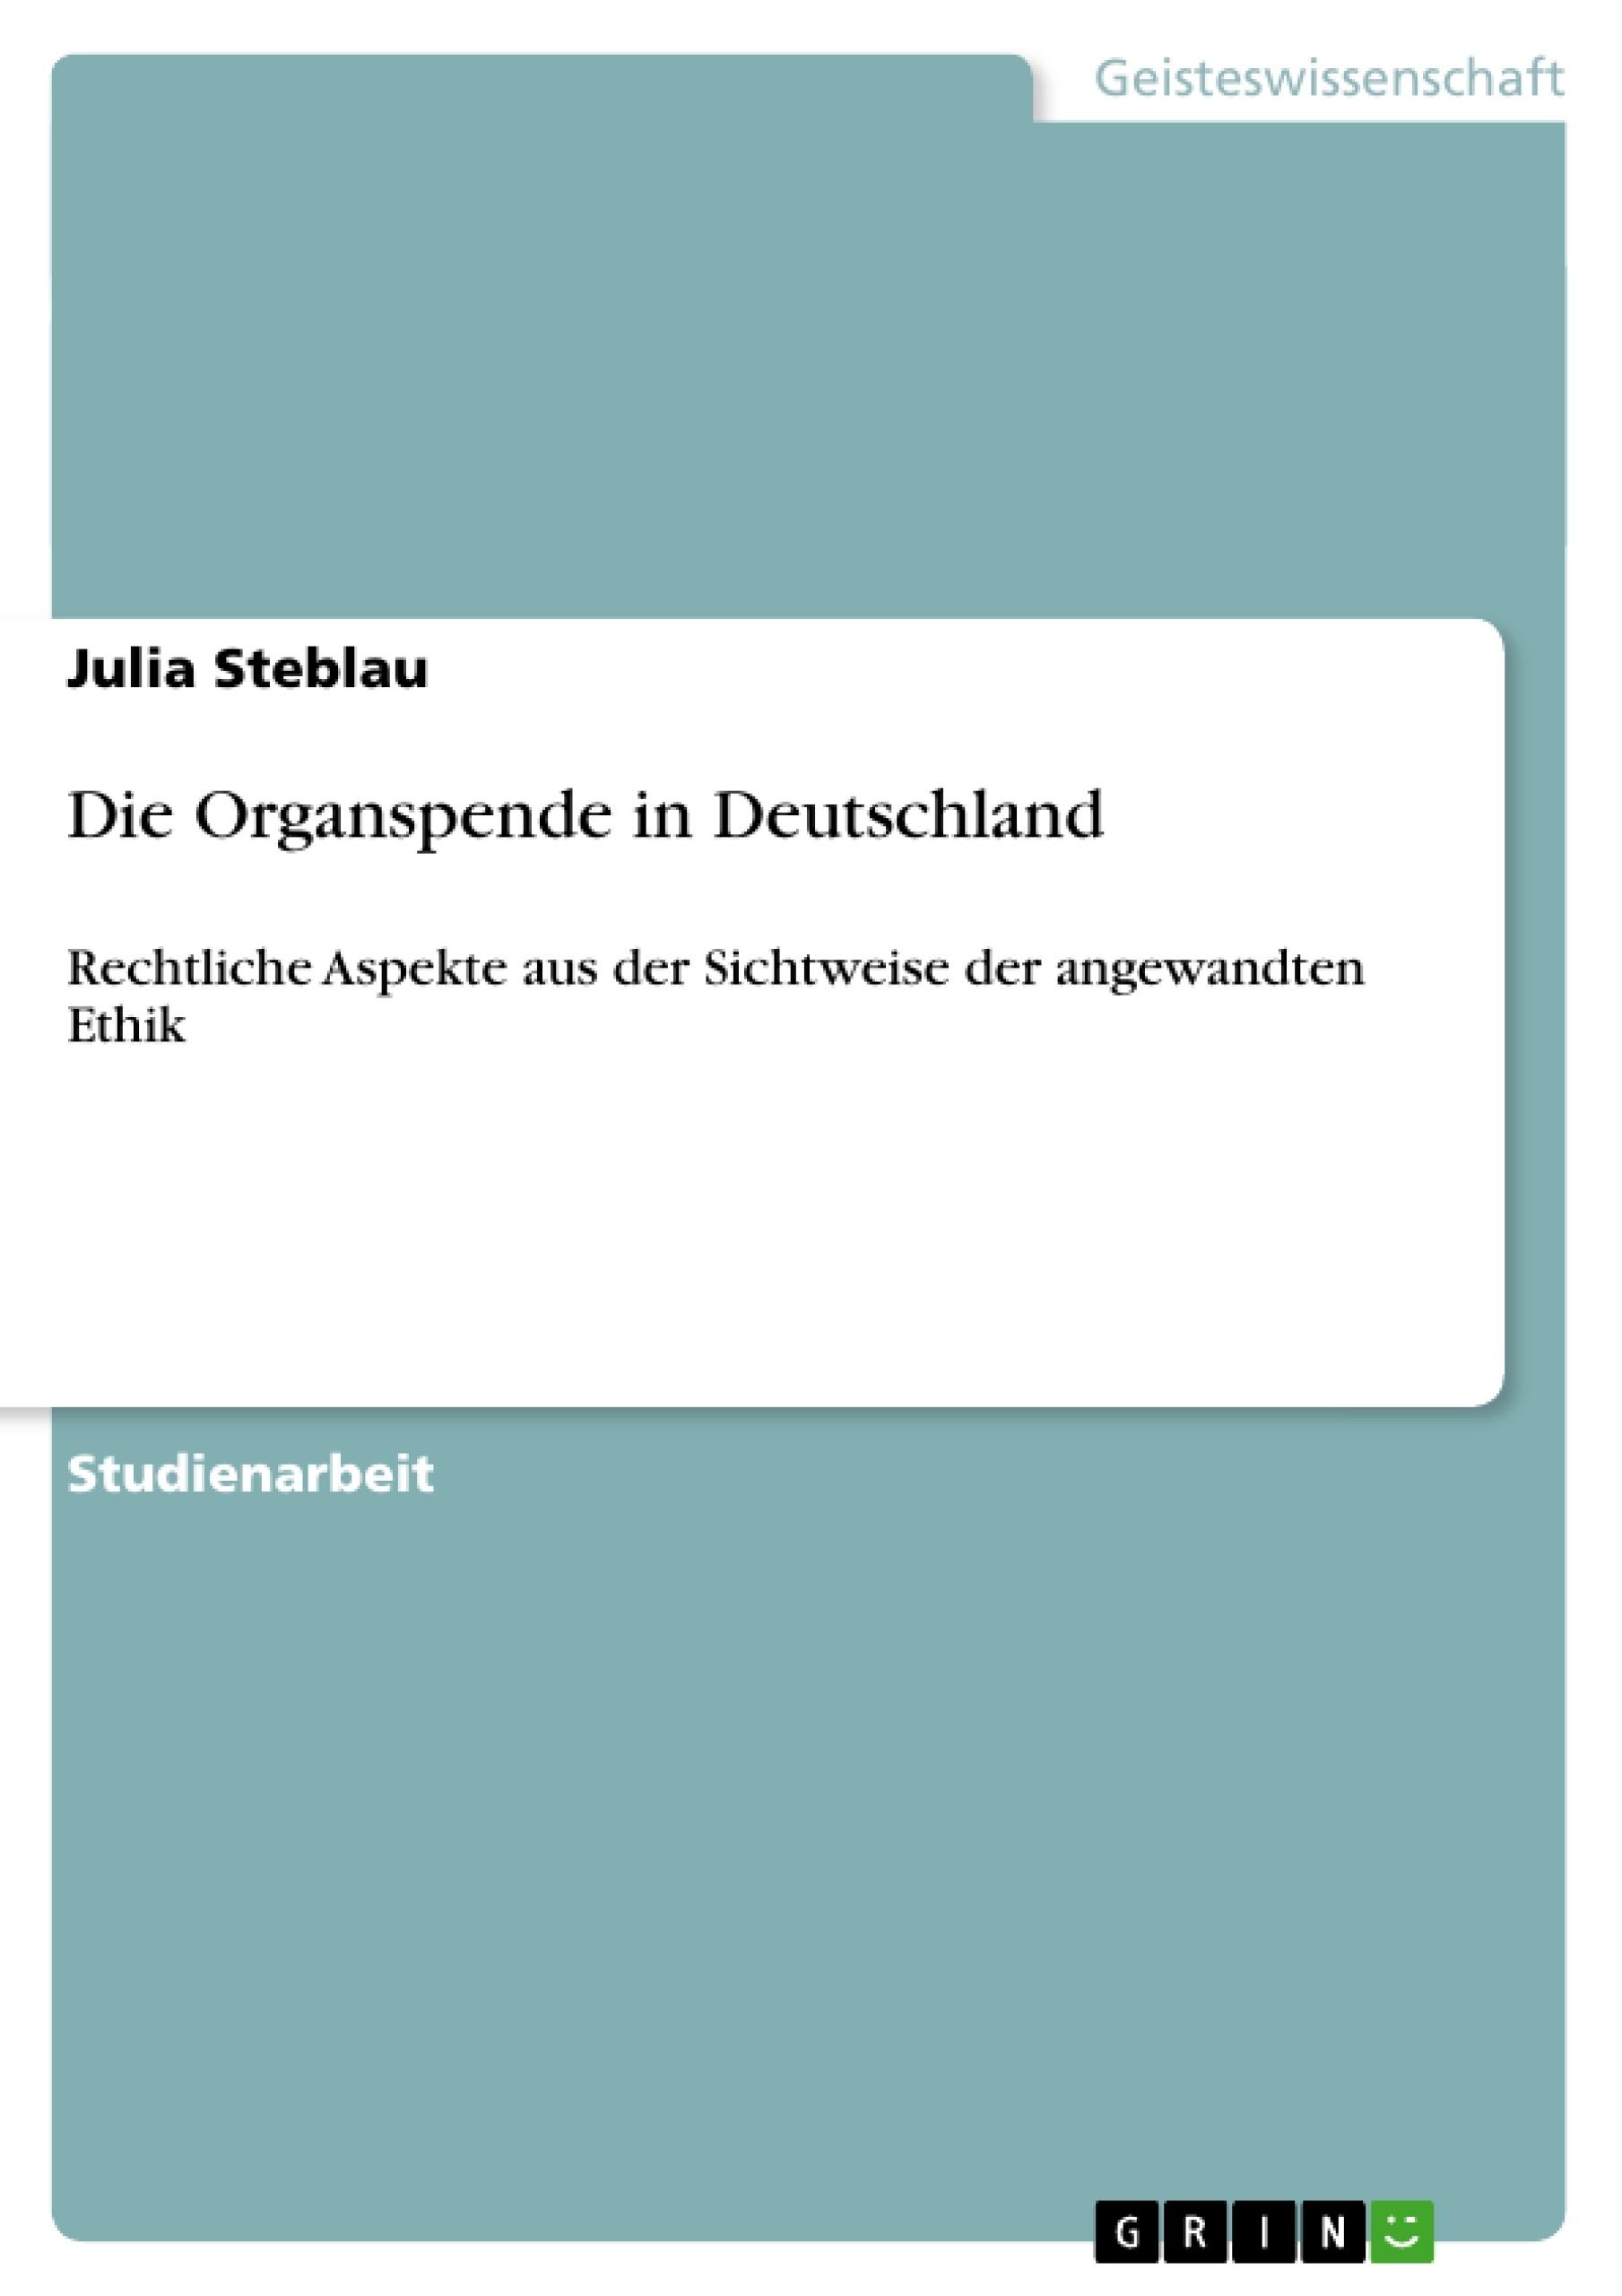 Titel: Die Organspende in Deutschland